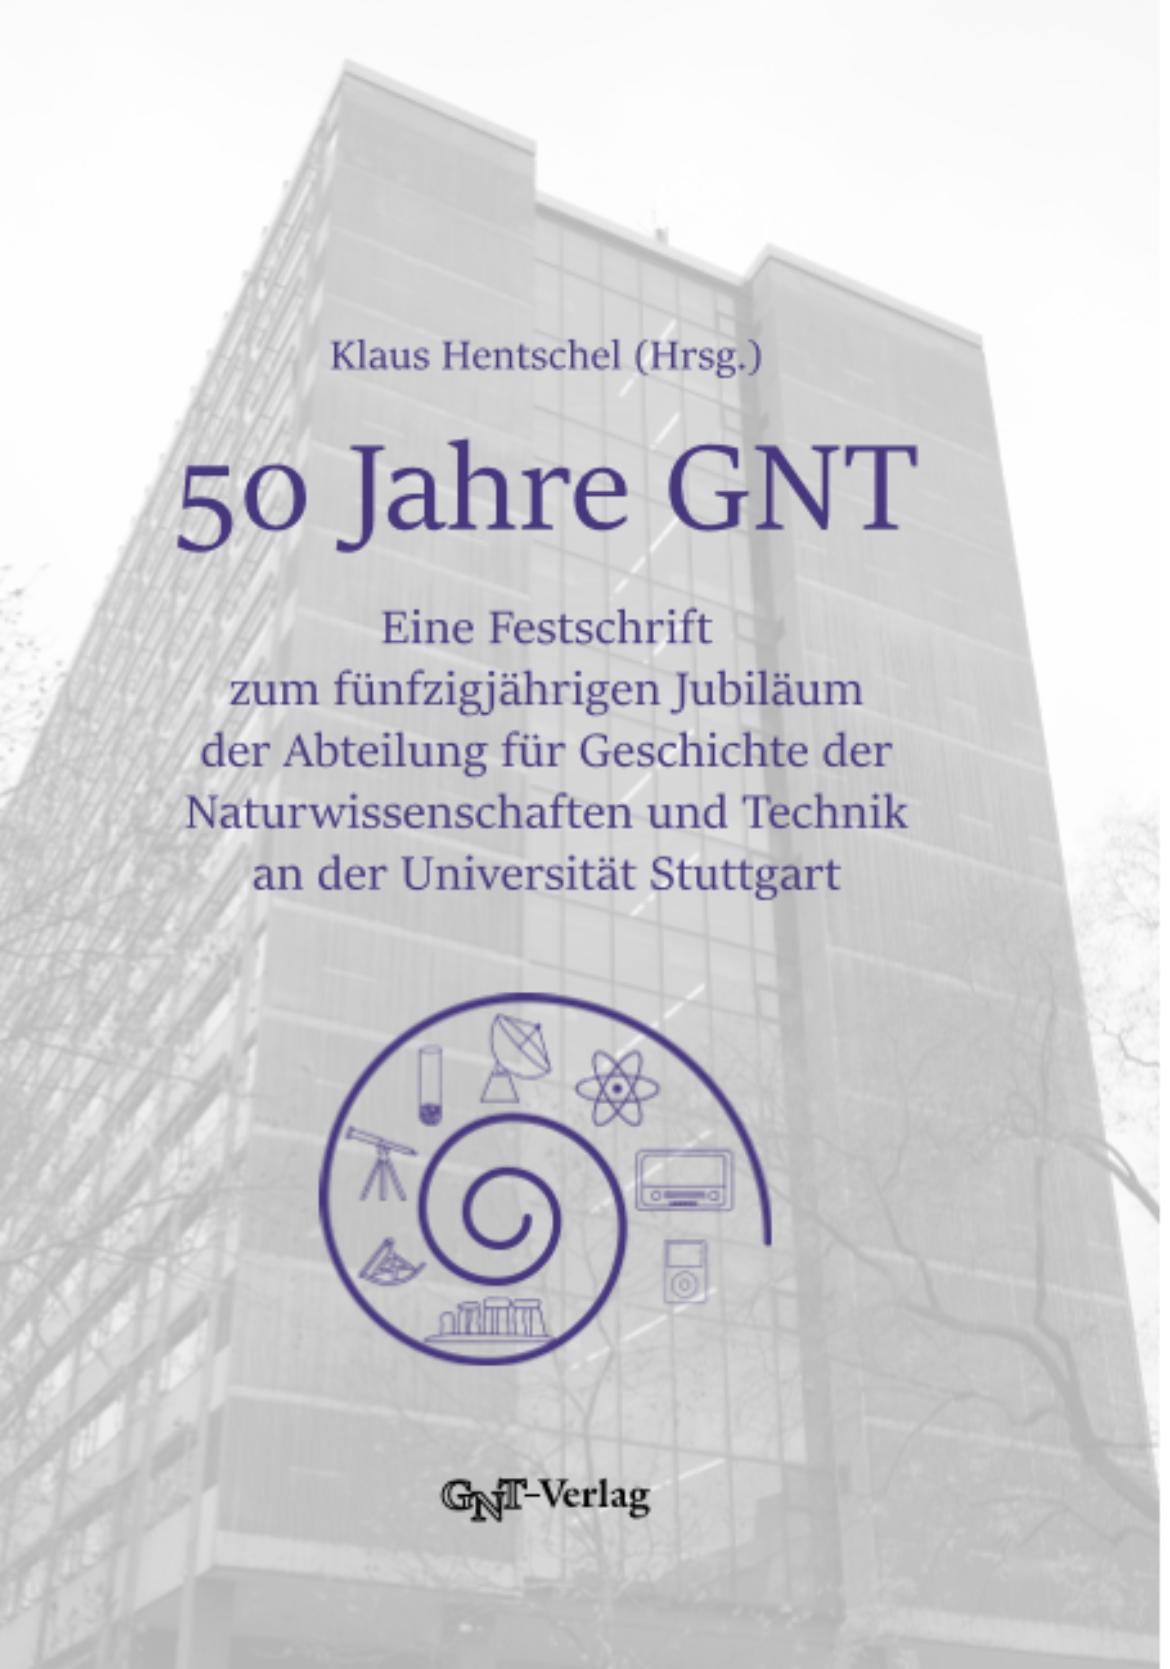 50 Jahre GNT. Eine Festschrift zum fünfzigjährigen Jubiläum der Abteilung für Geschichte der Naturwissenschaften und Technik an der Universität Stuttgart.